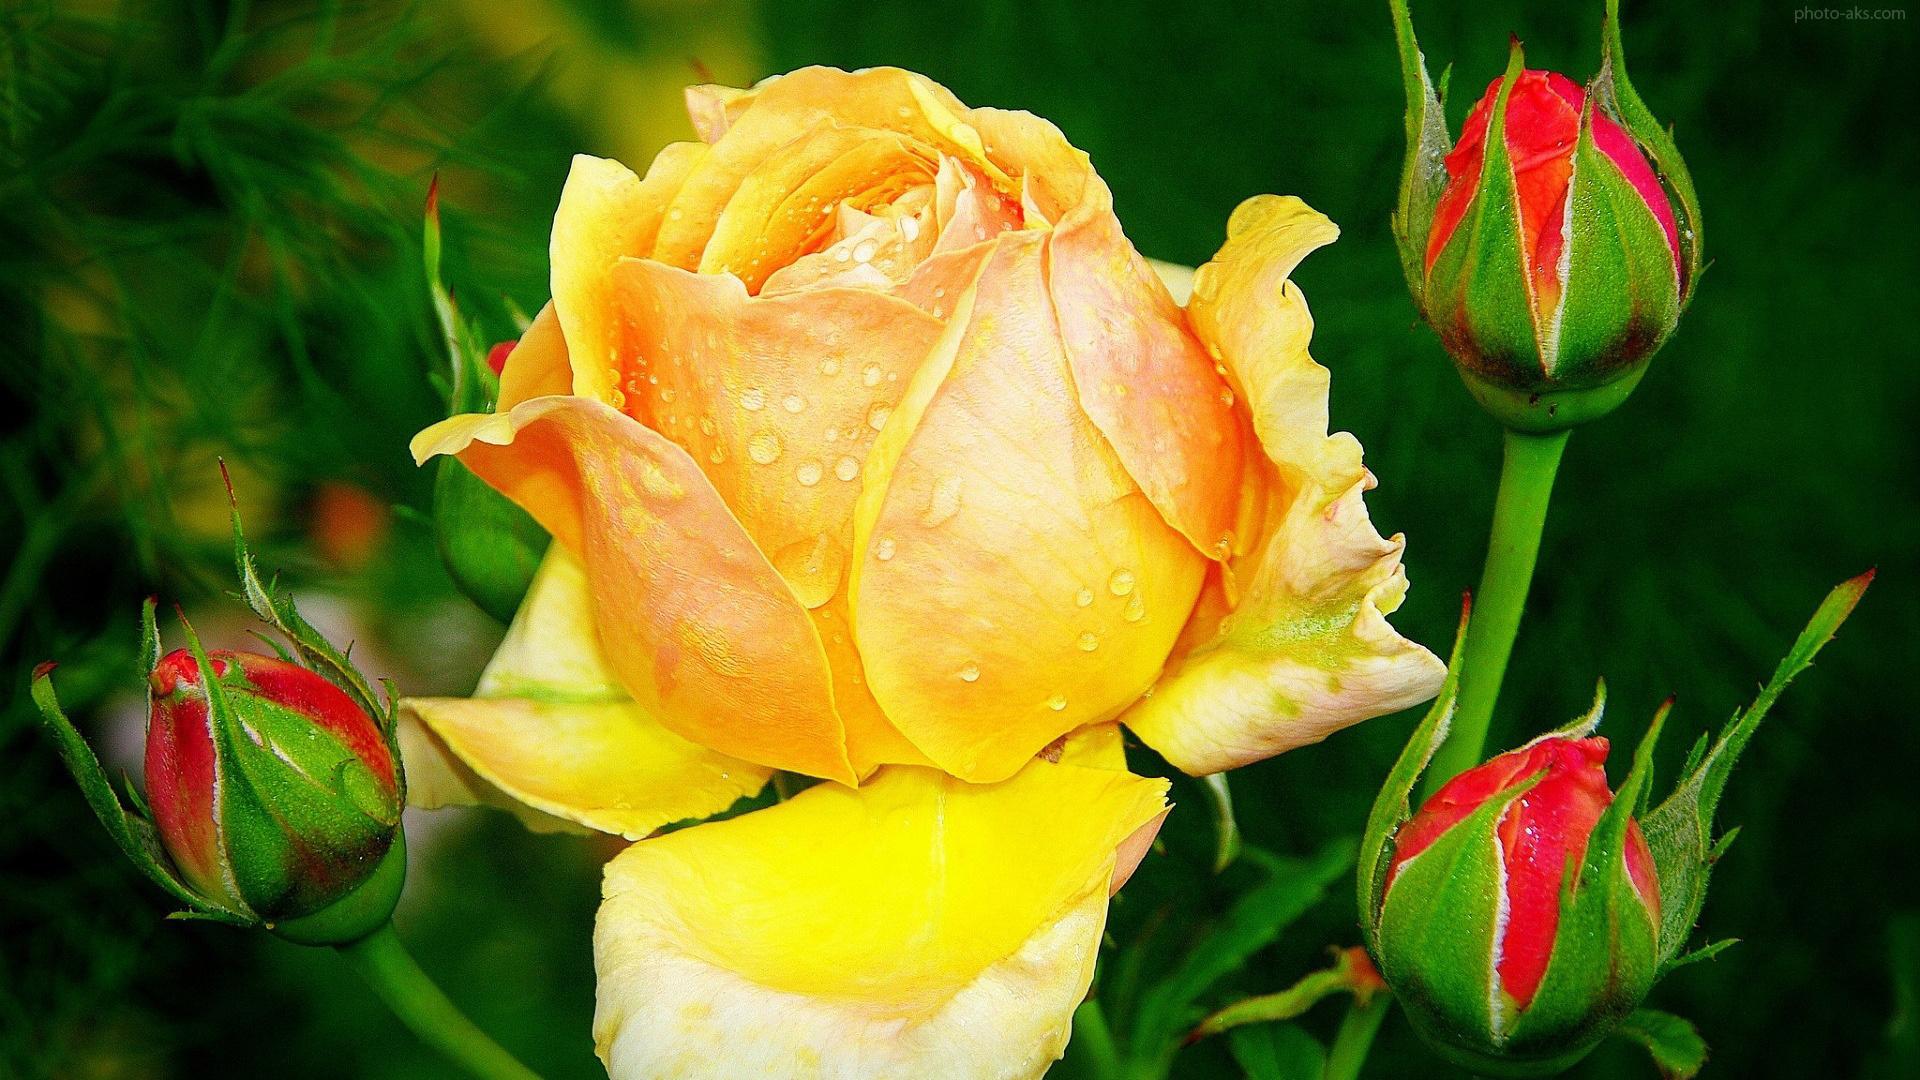 گل رز زرد زیبا، گل ها - عکس گل رز